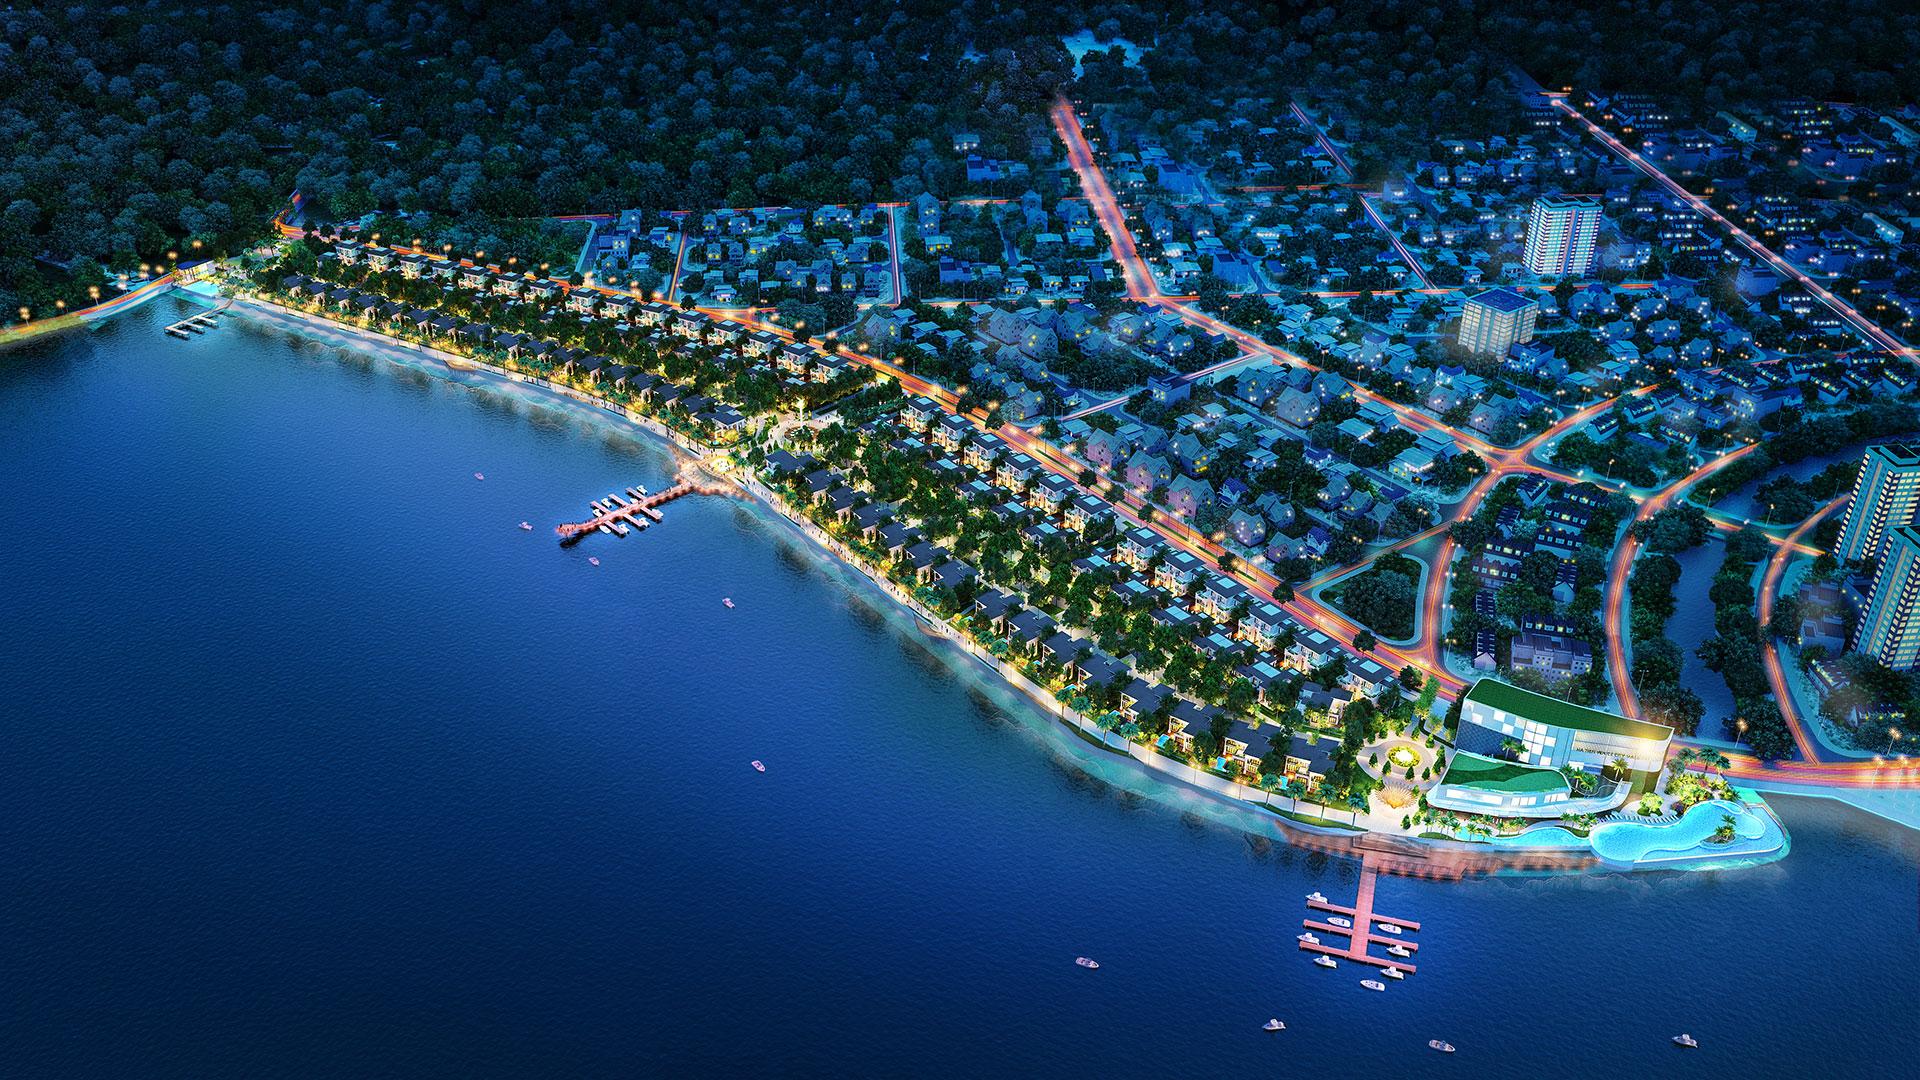 Thế đắc địa của Ha Tien Venice Villas trên thị trường bất động sản biển